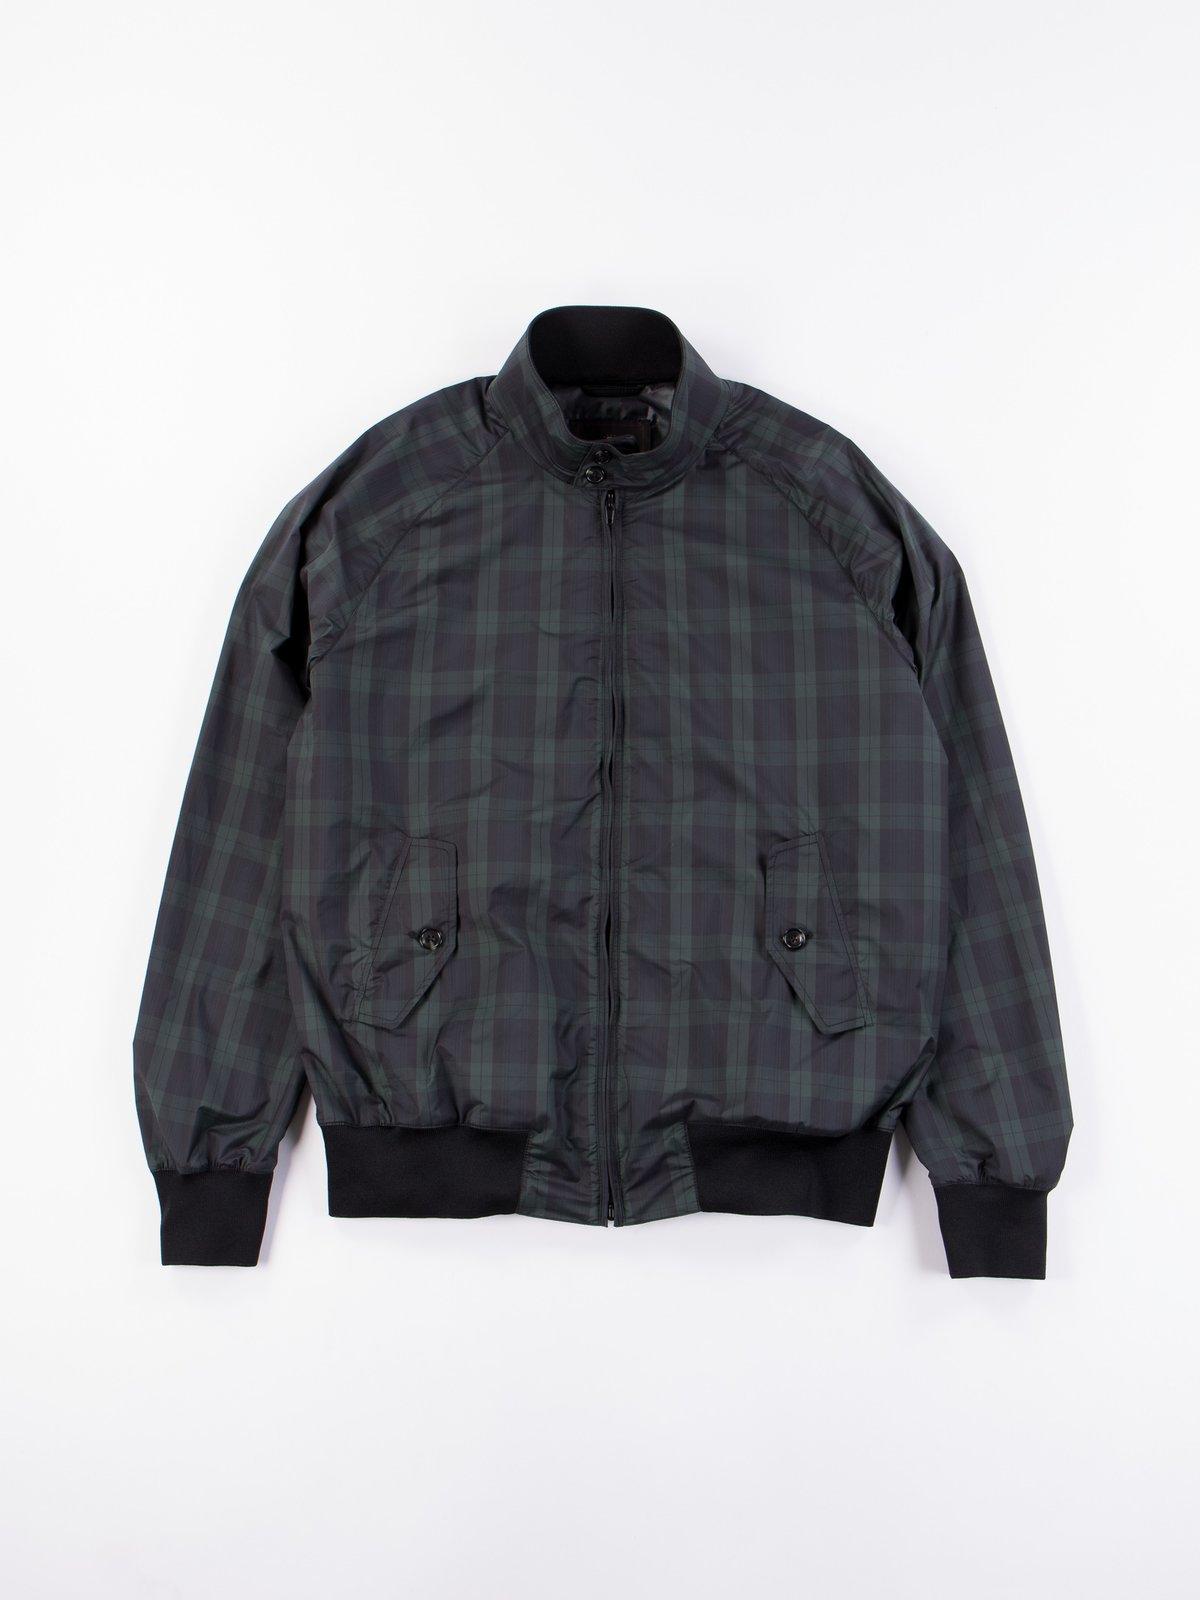 Blackwatch G9 EG Jacket - Image 1